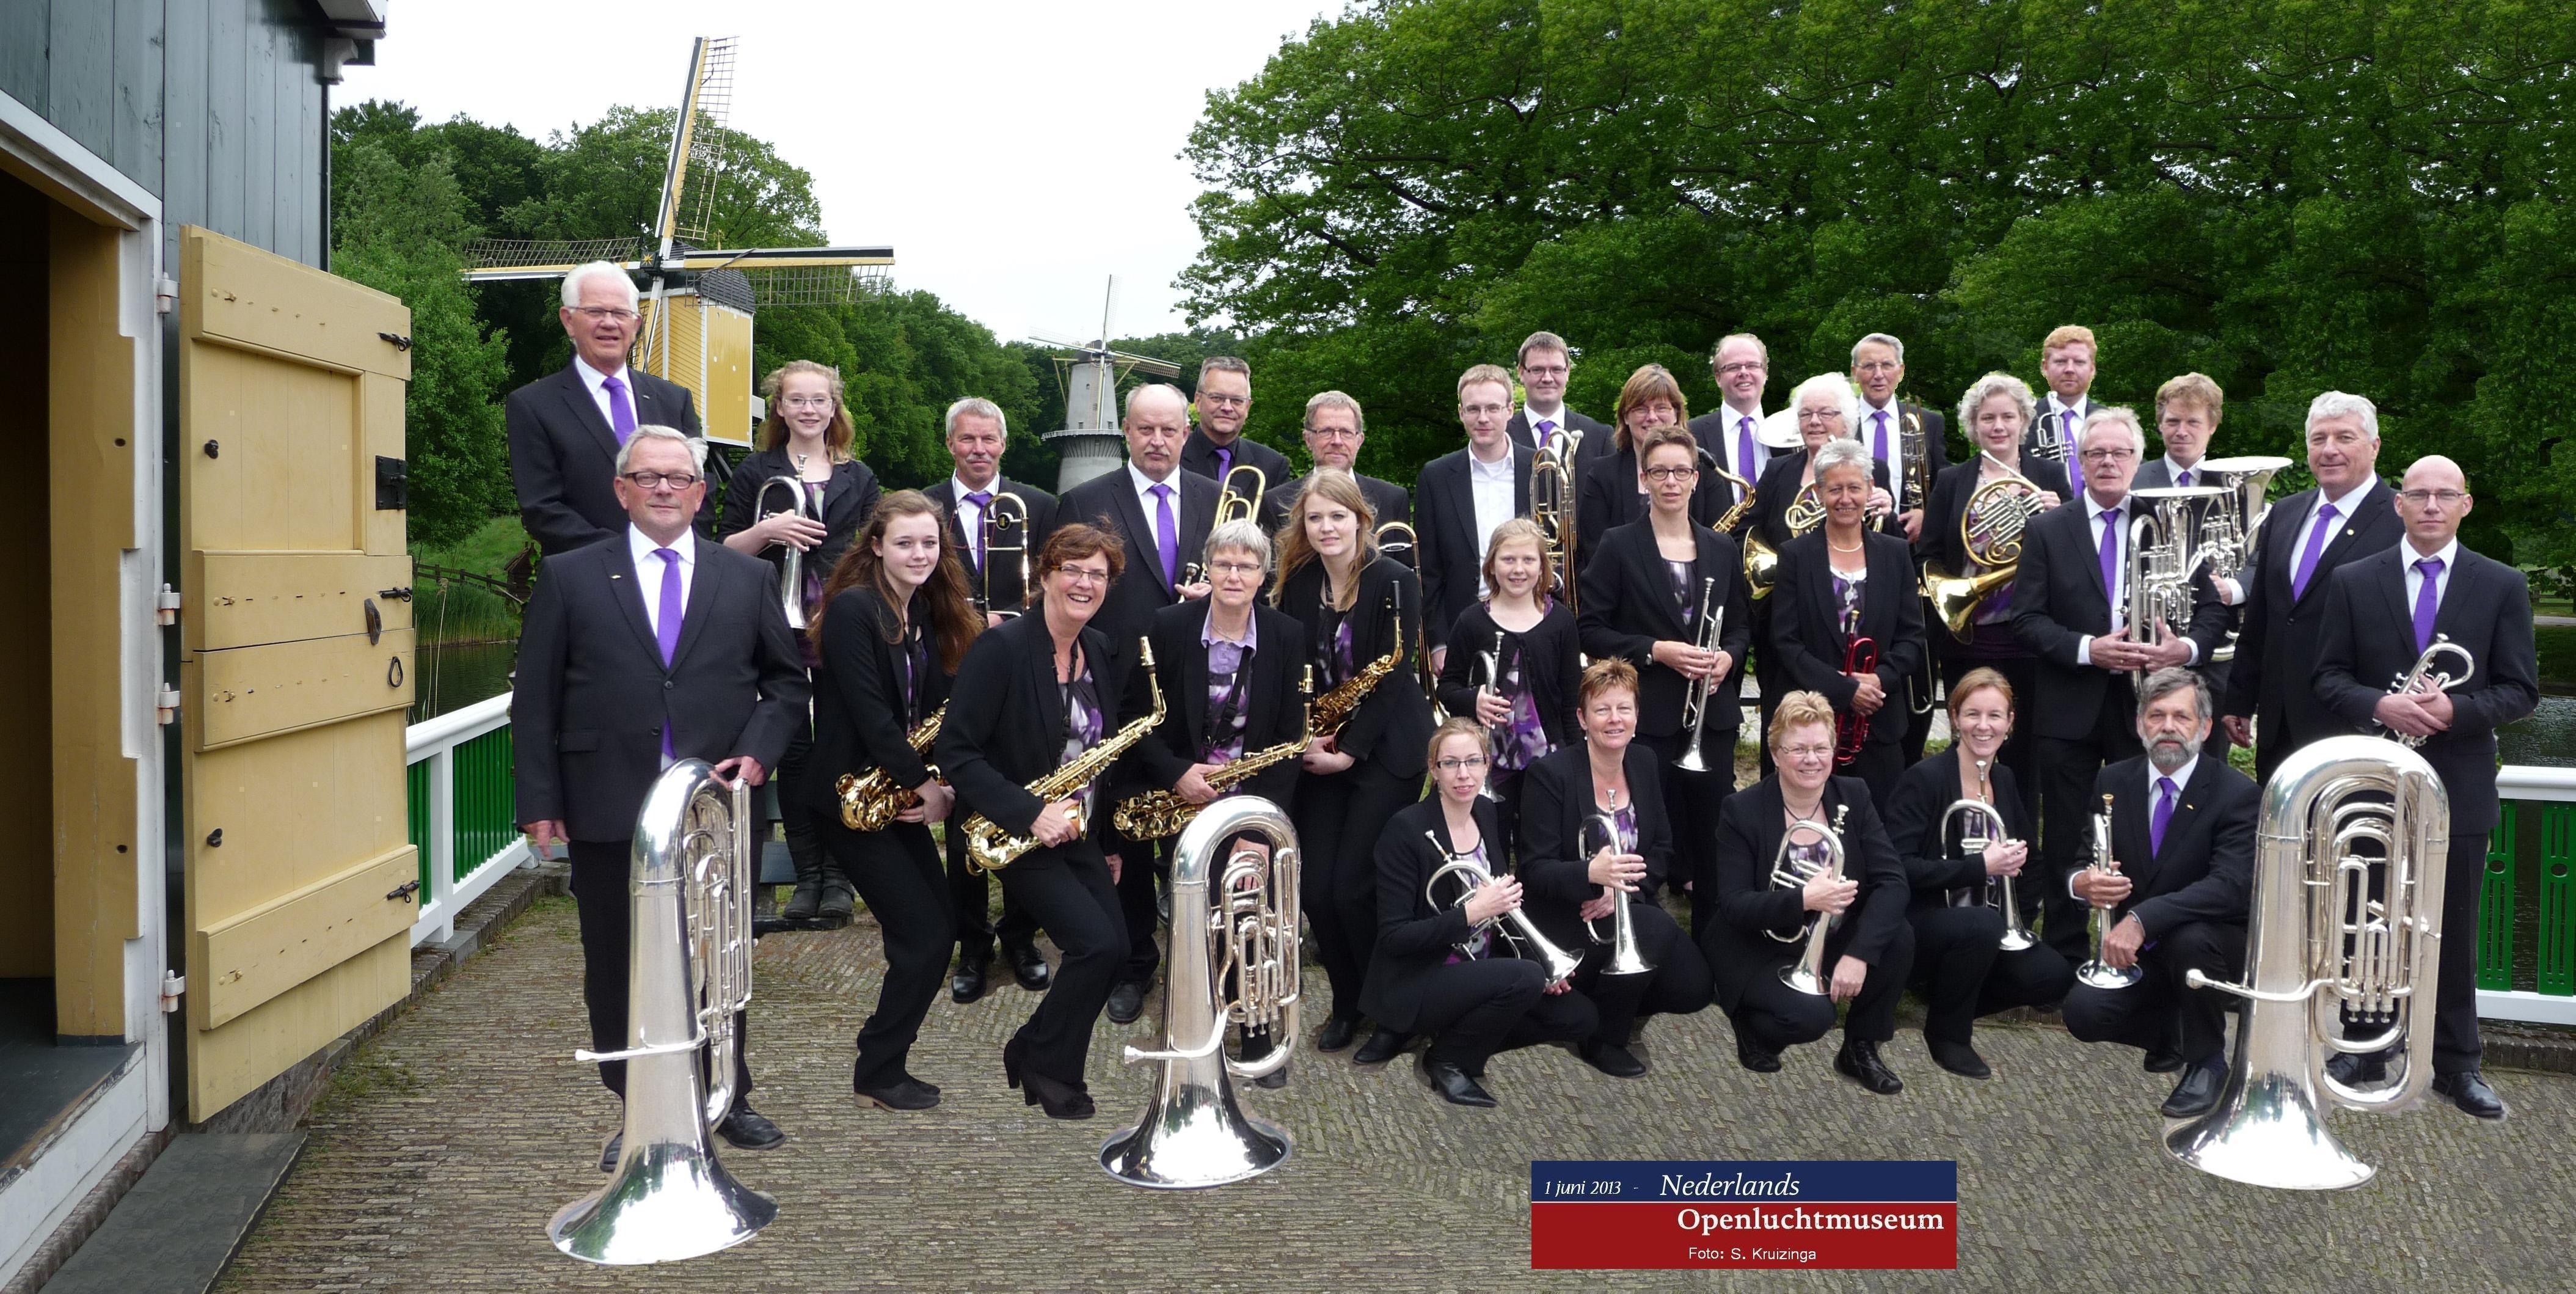 01-harmonie-in-arnhem-1-juni-2013-molens-04-zonder-lijst